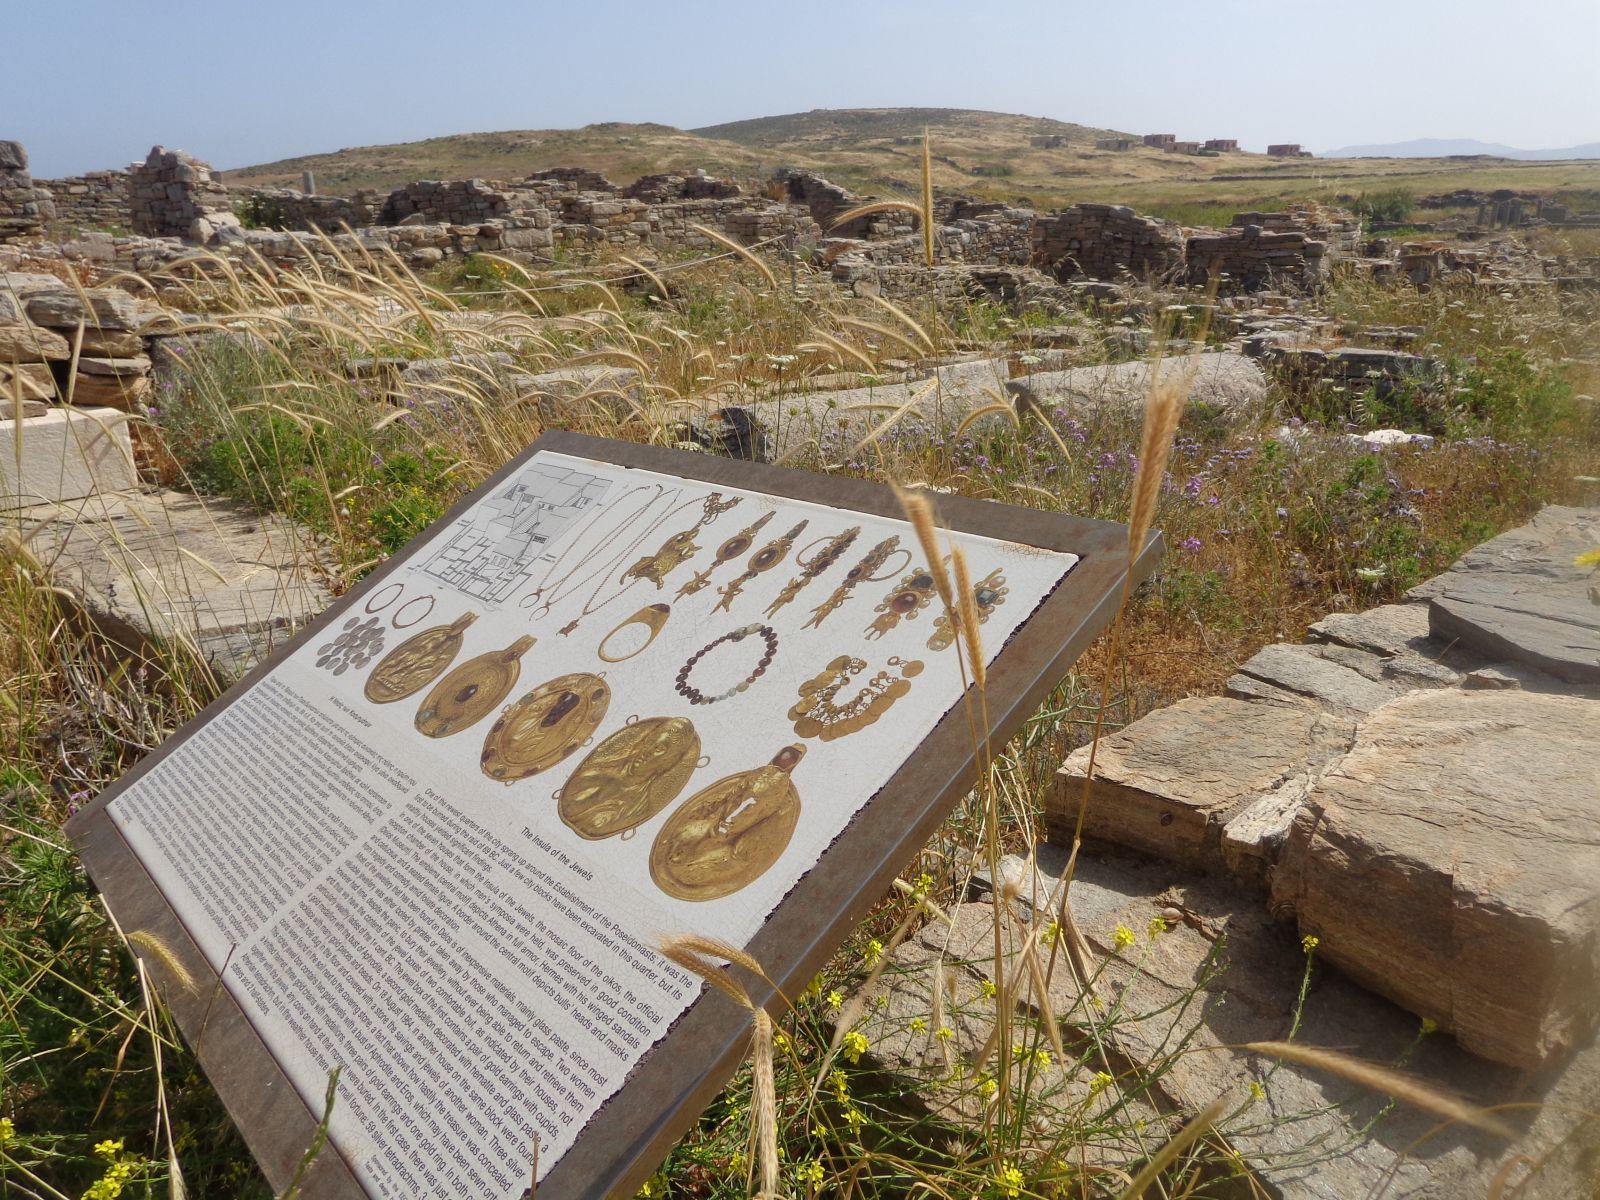 Απεργούν την Τετάρτη οι αρχαιολόγοι